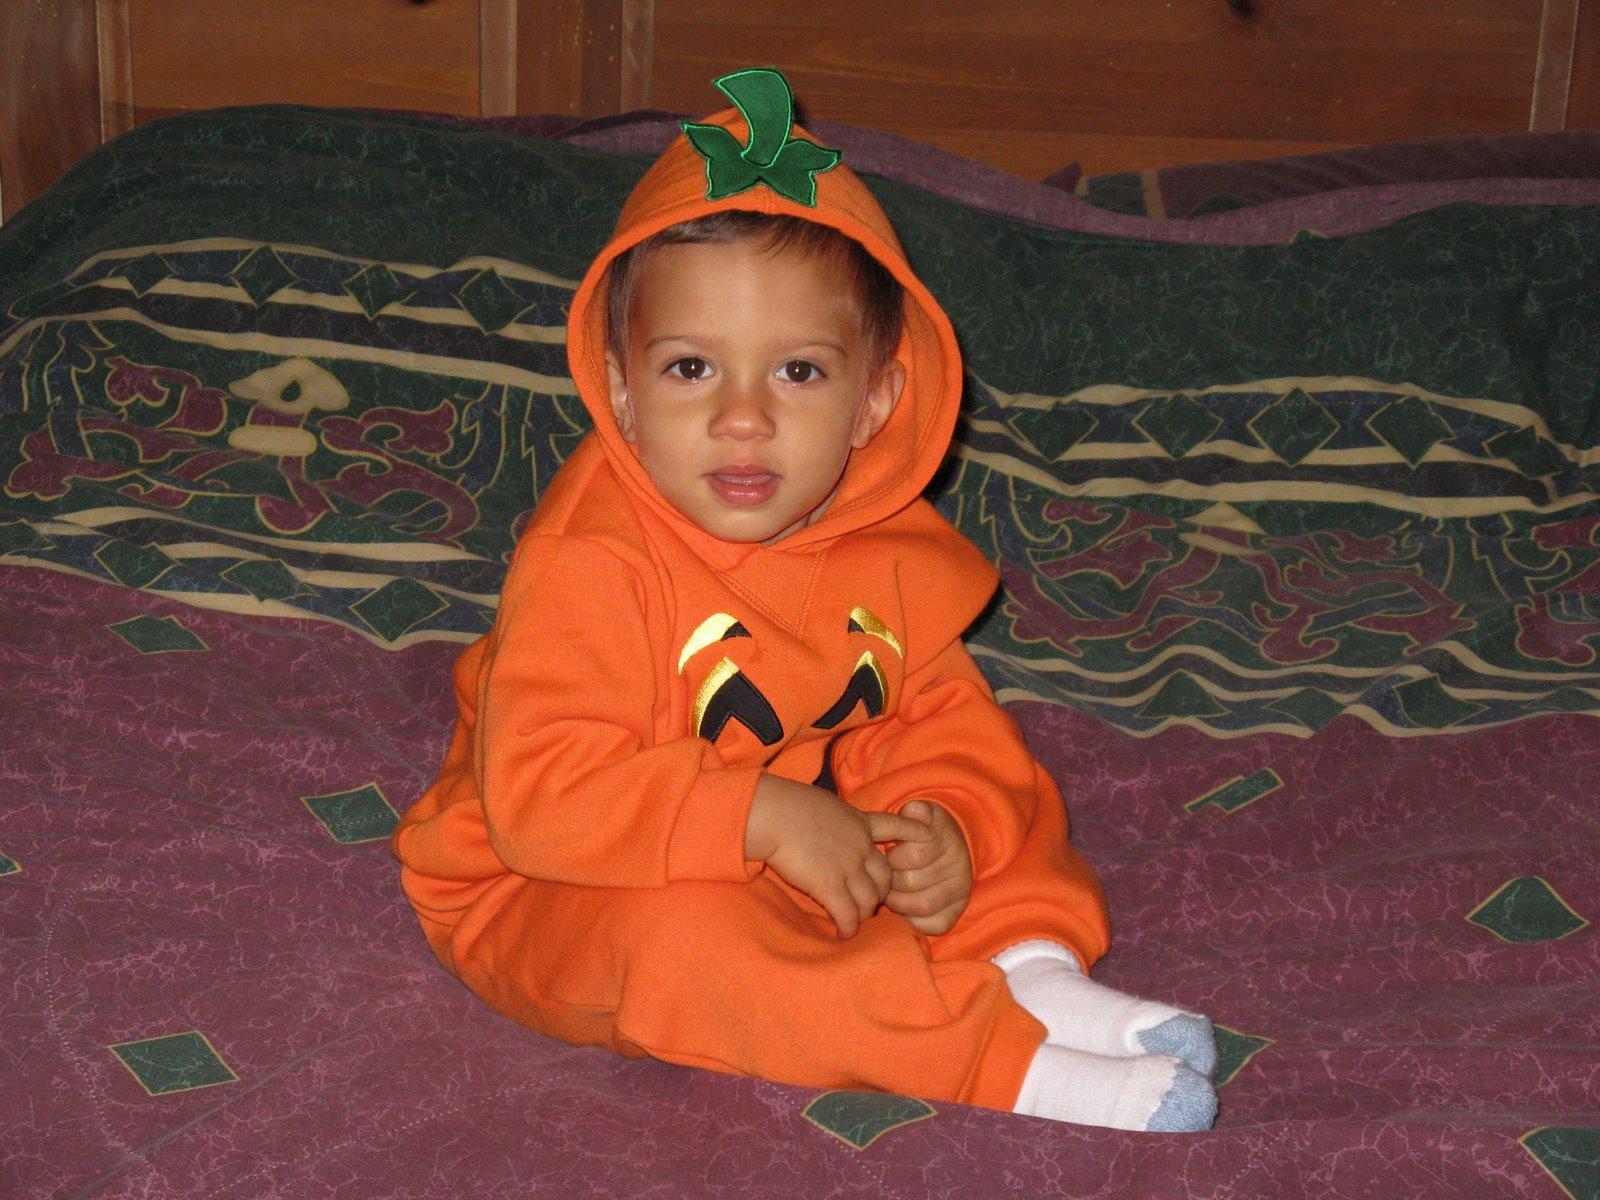 VJ, Our Little Pumpkin